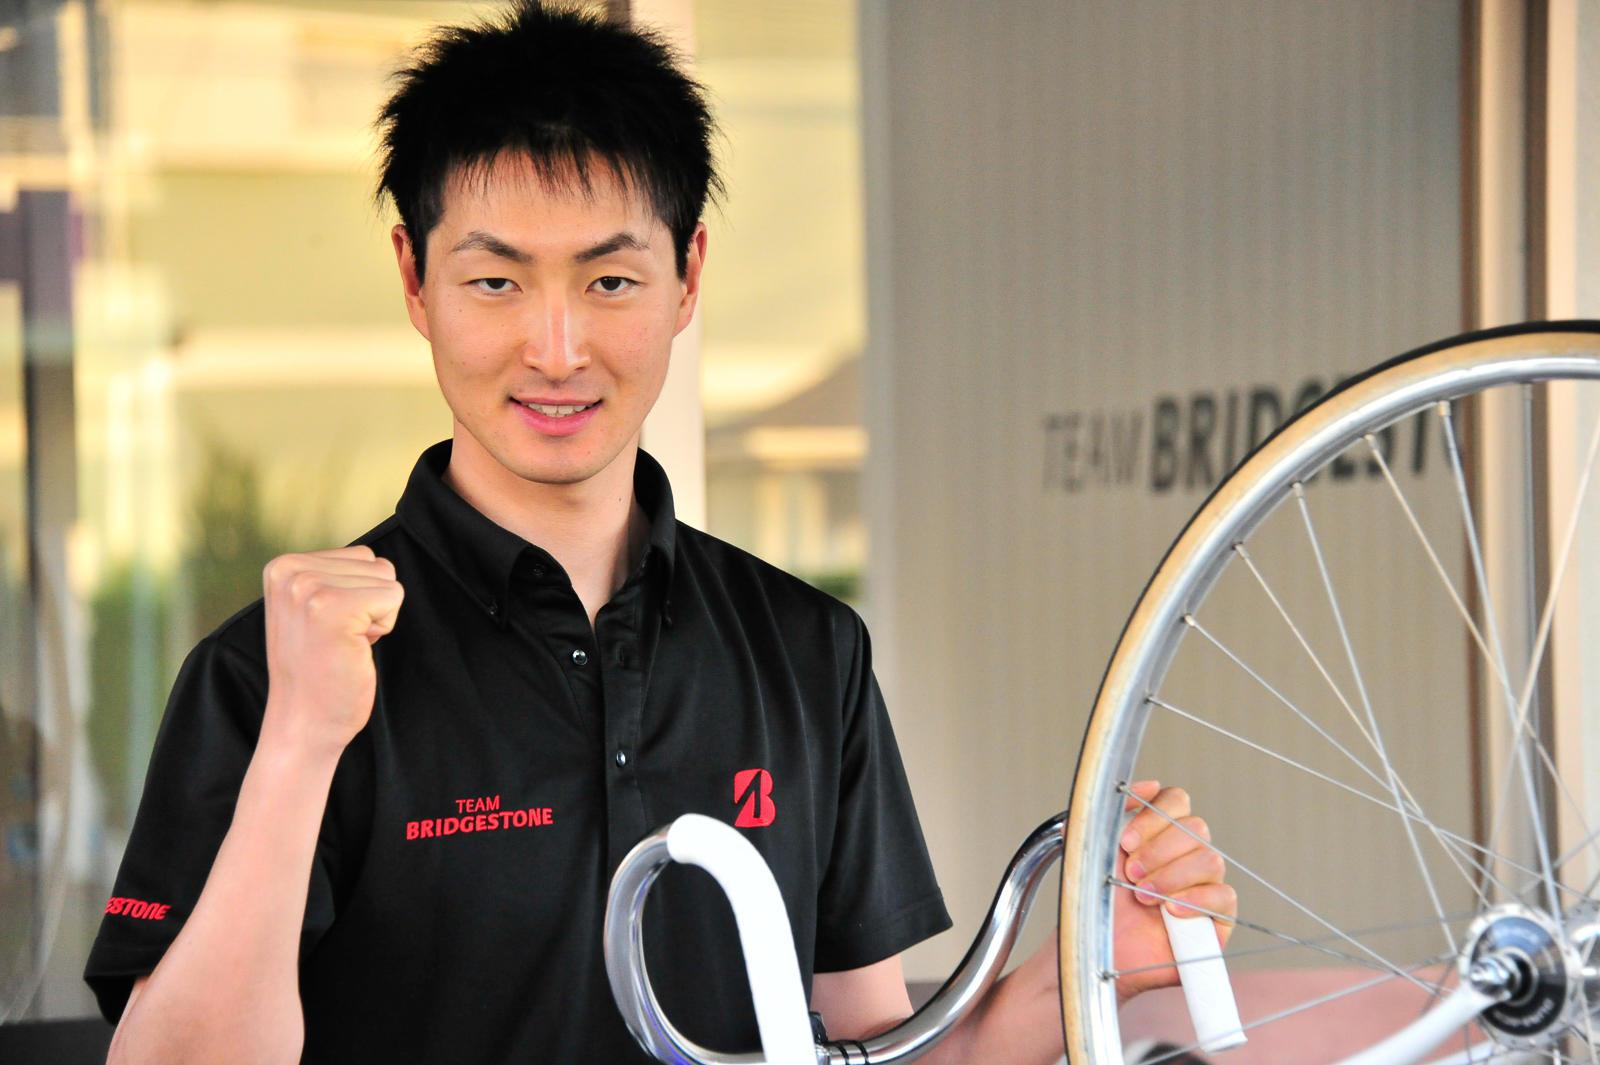 競輪選手になるため走り始める近谷涼、ワールドカップでの表彰台が彼の競技人生を2度変える